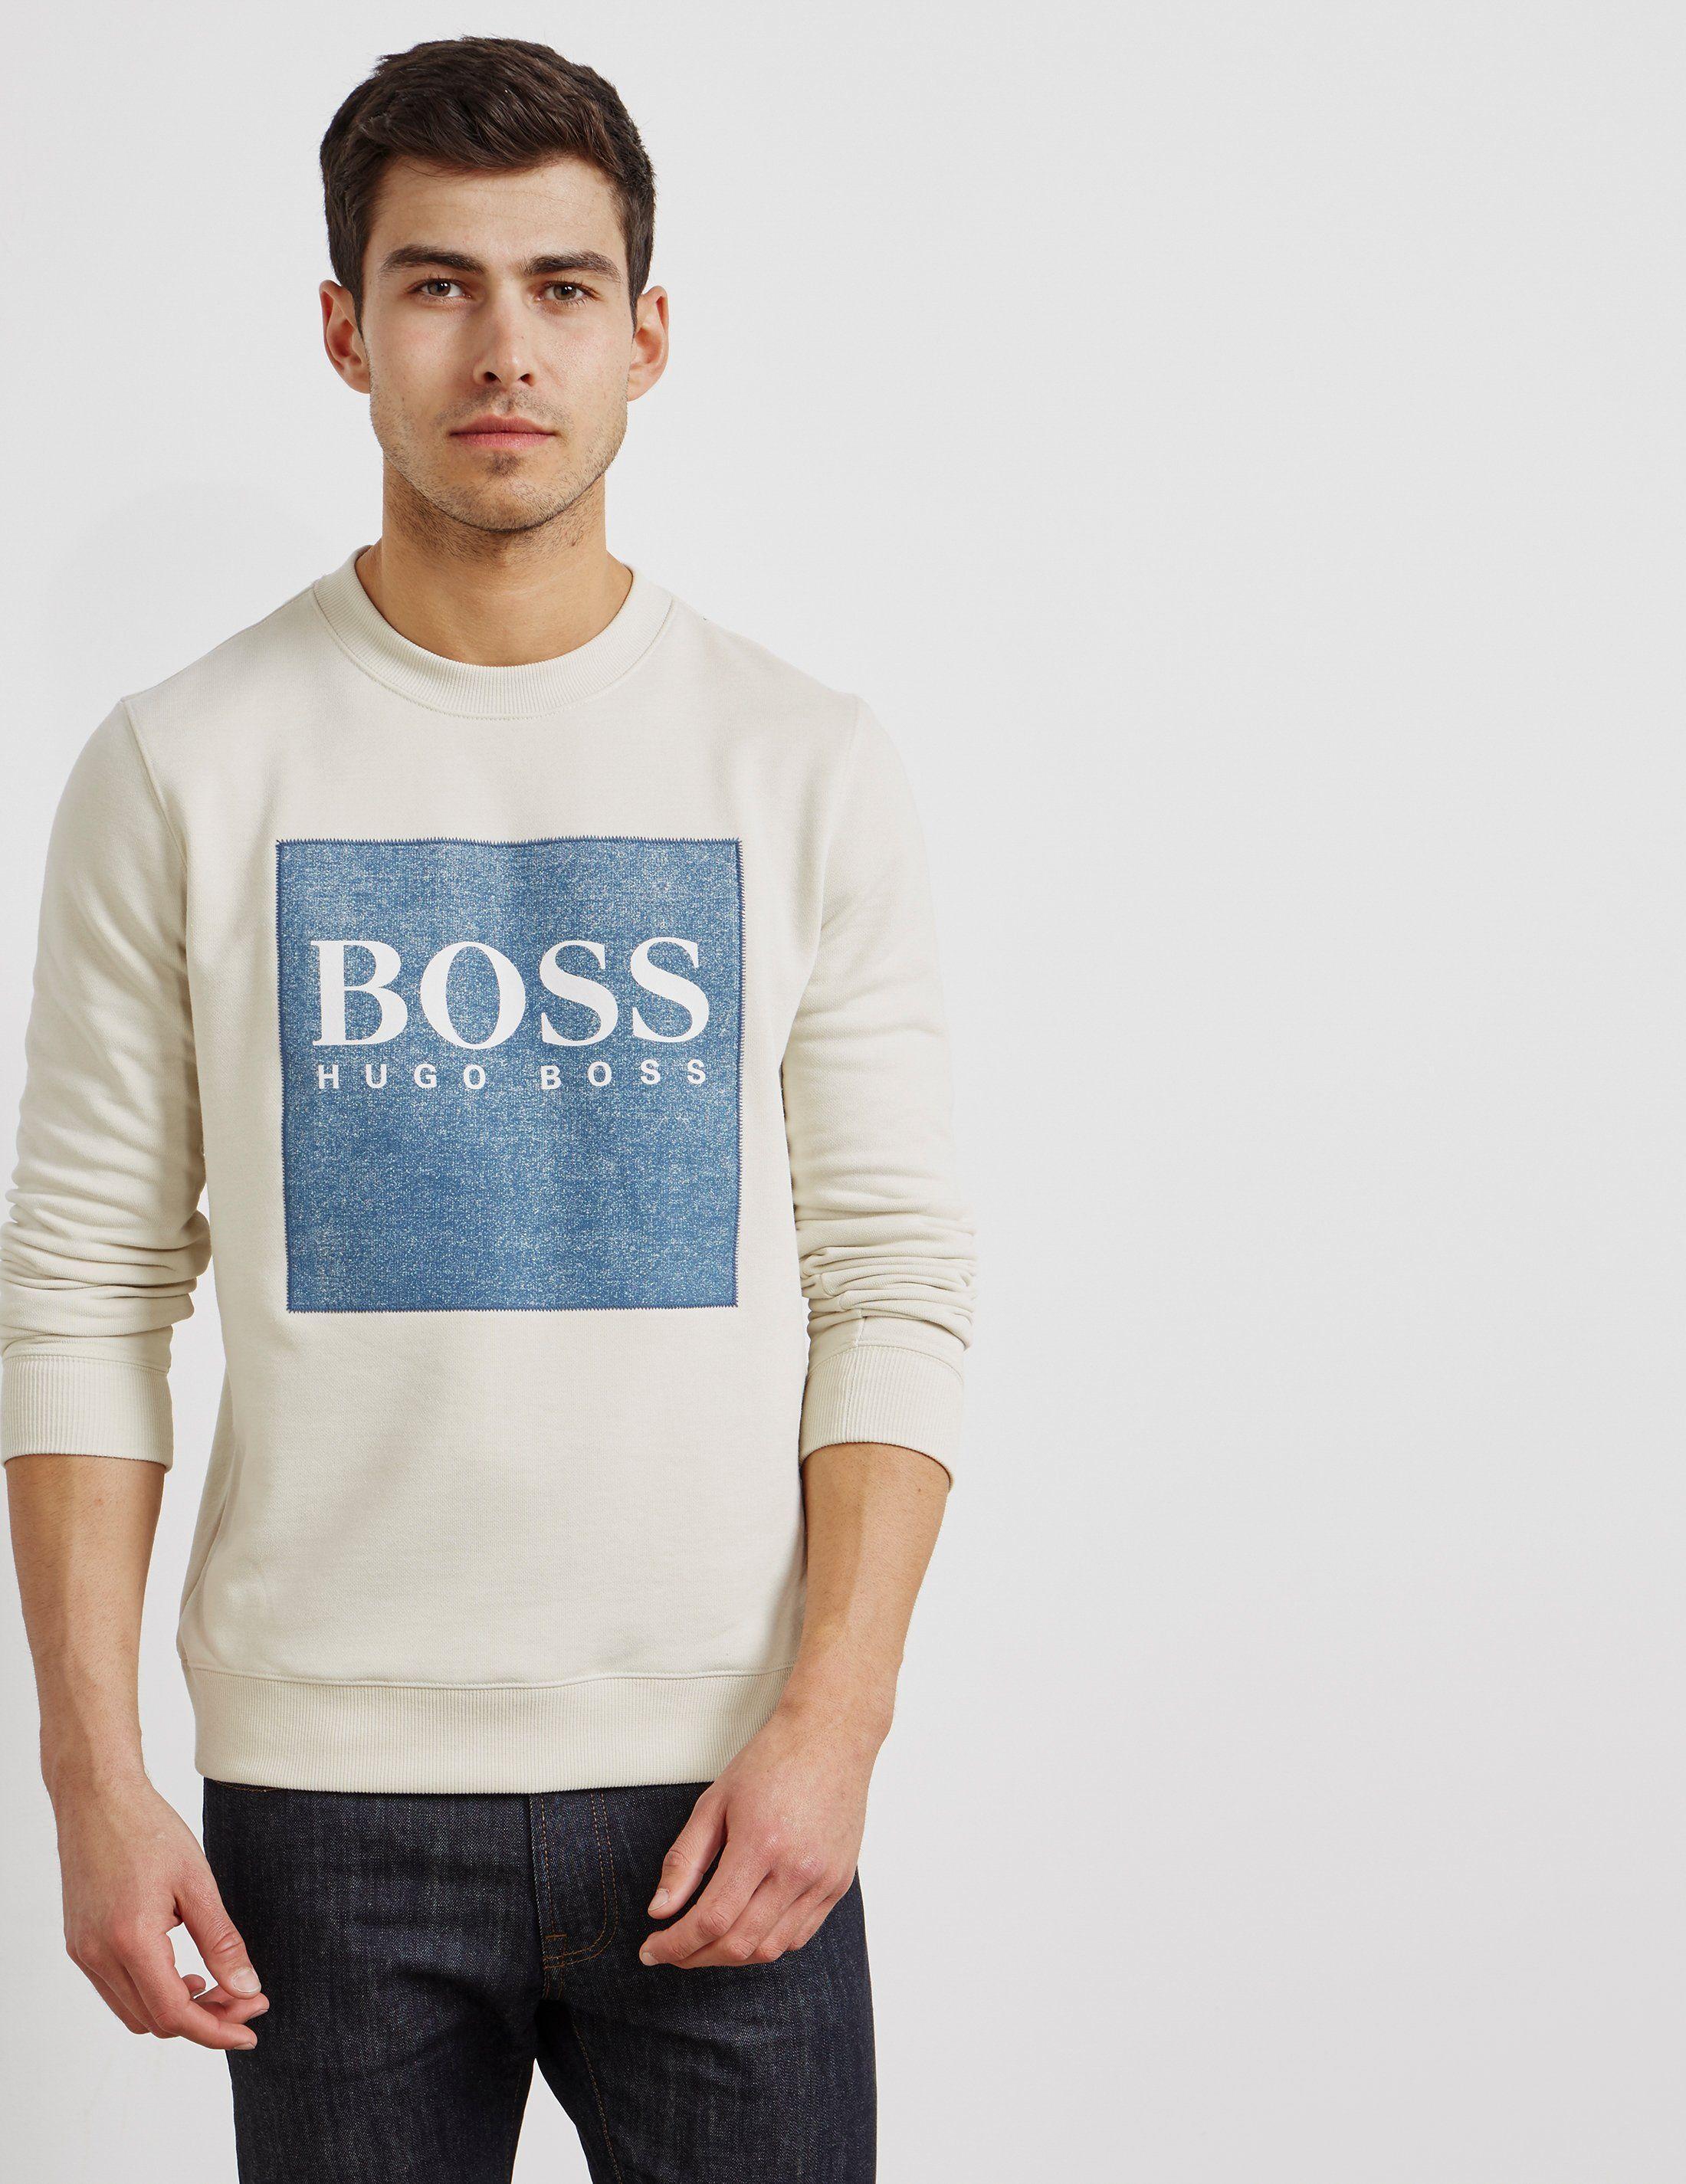 BOSS Wedford Square Logo Sweatshirt